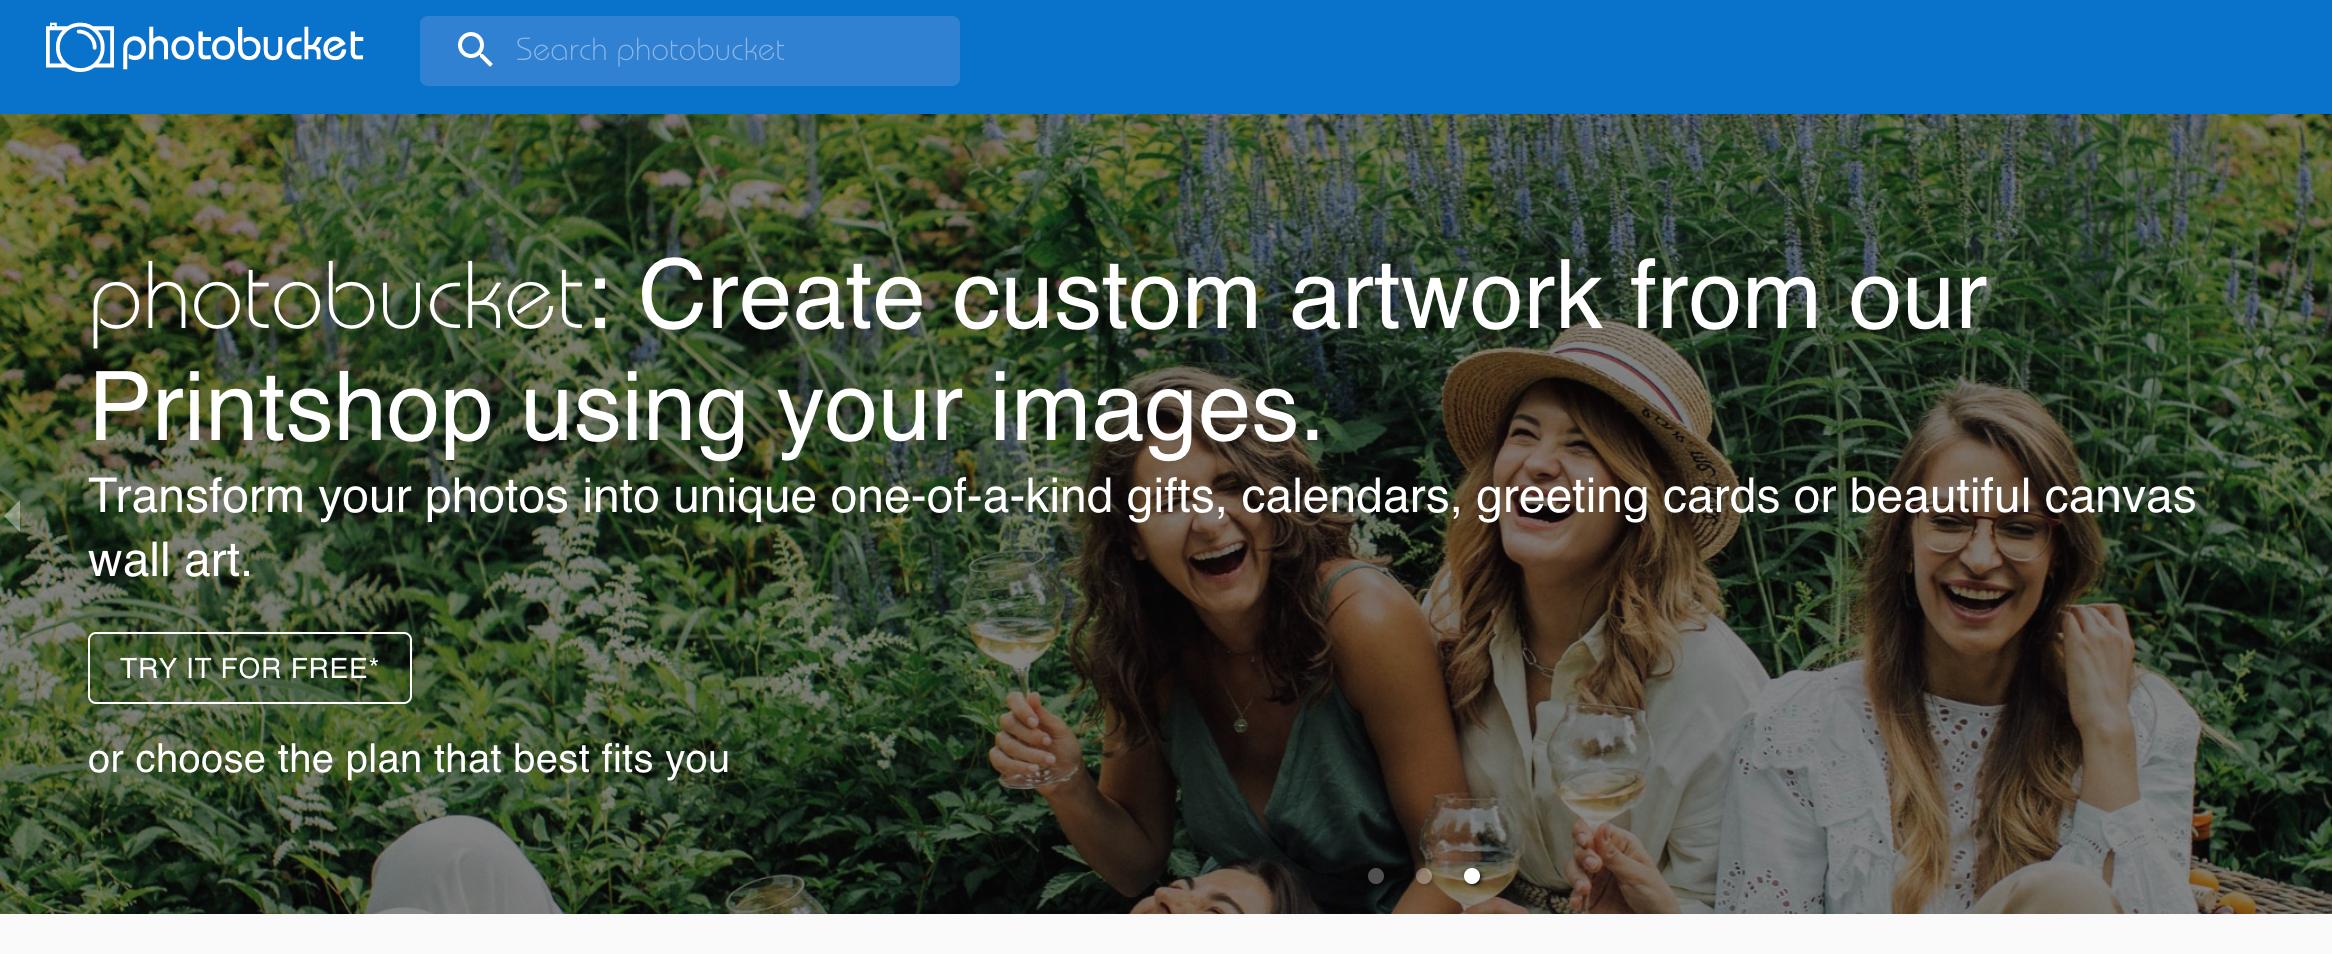 Photobucket homepage